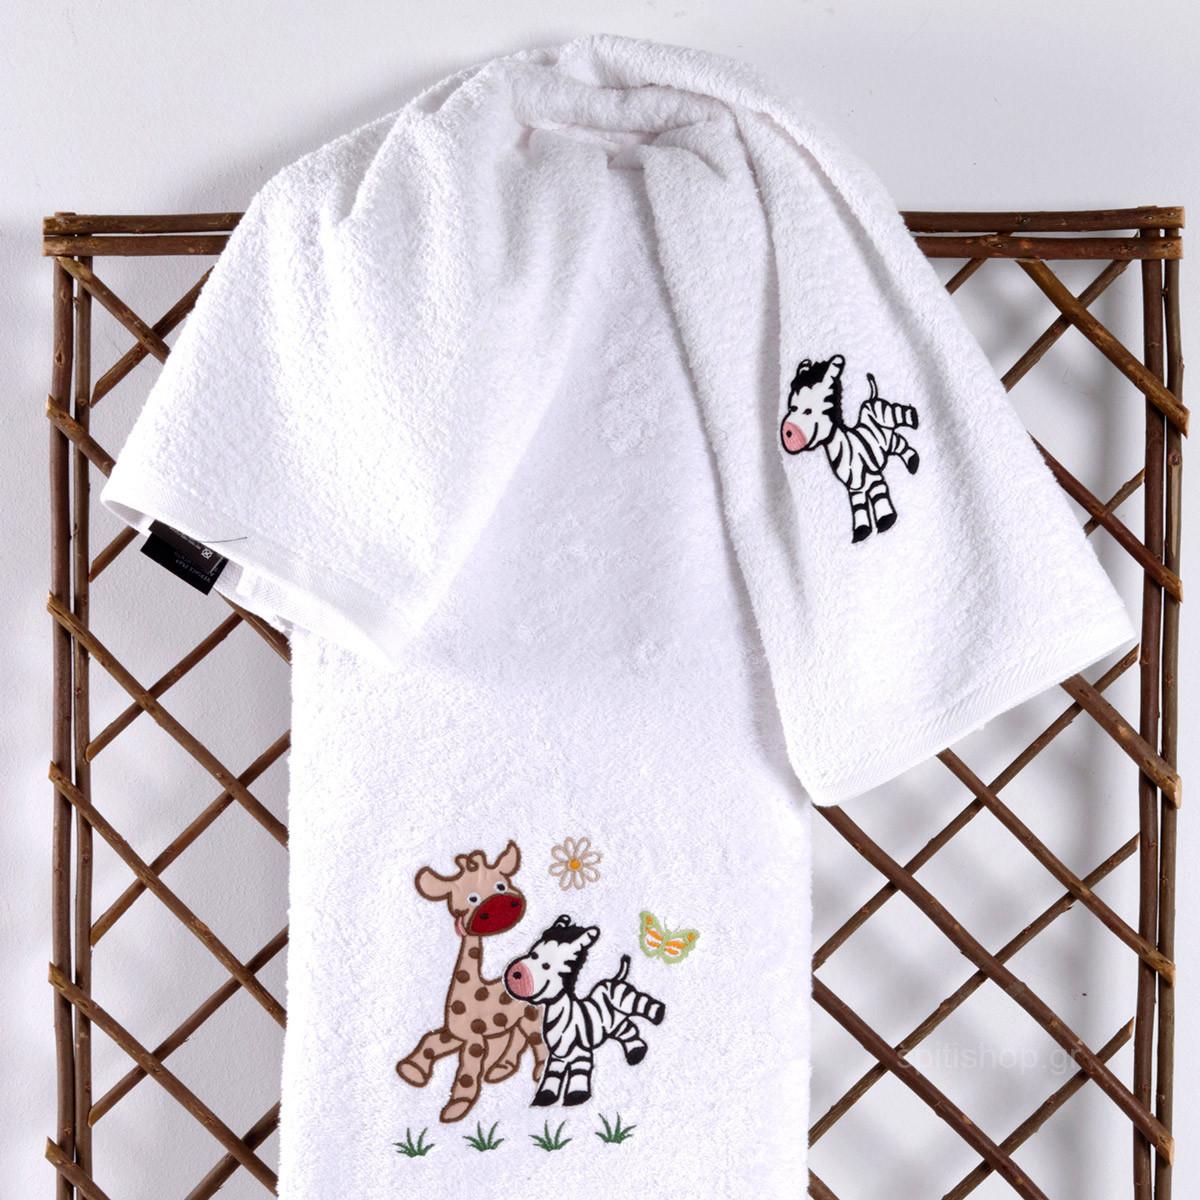 Βρεφικές Πετσέτες (Σετ 2τμχ) Sb Home Baby Olly & Zemo Beige